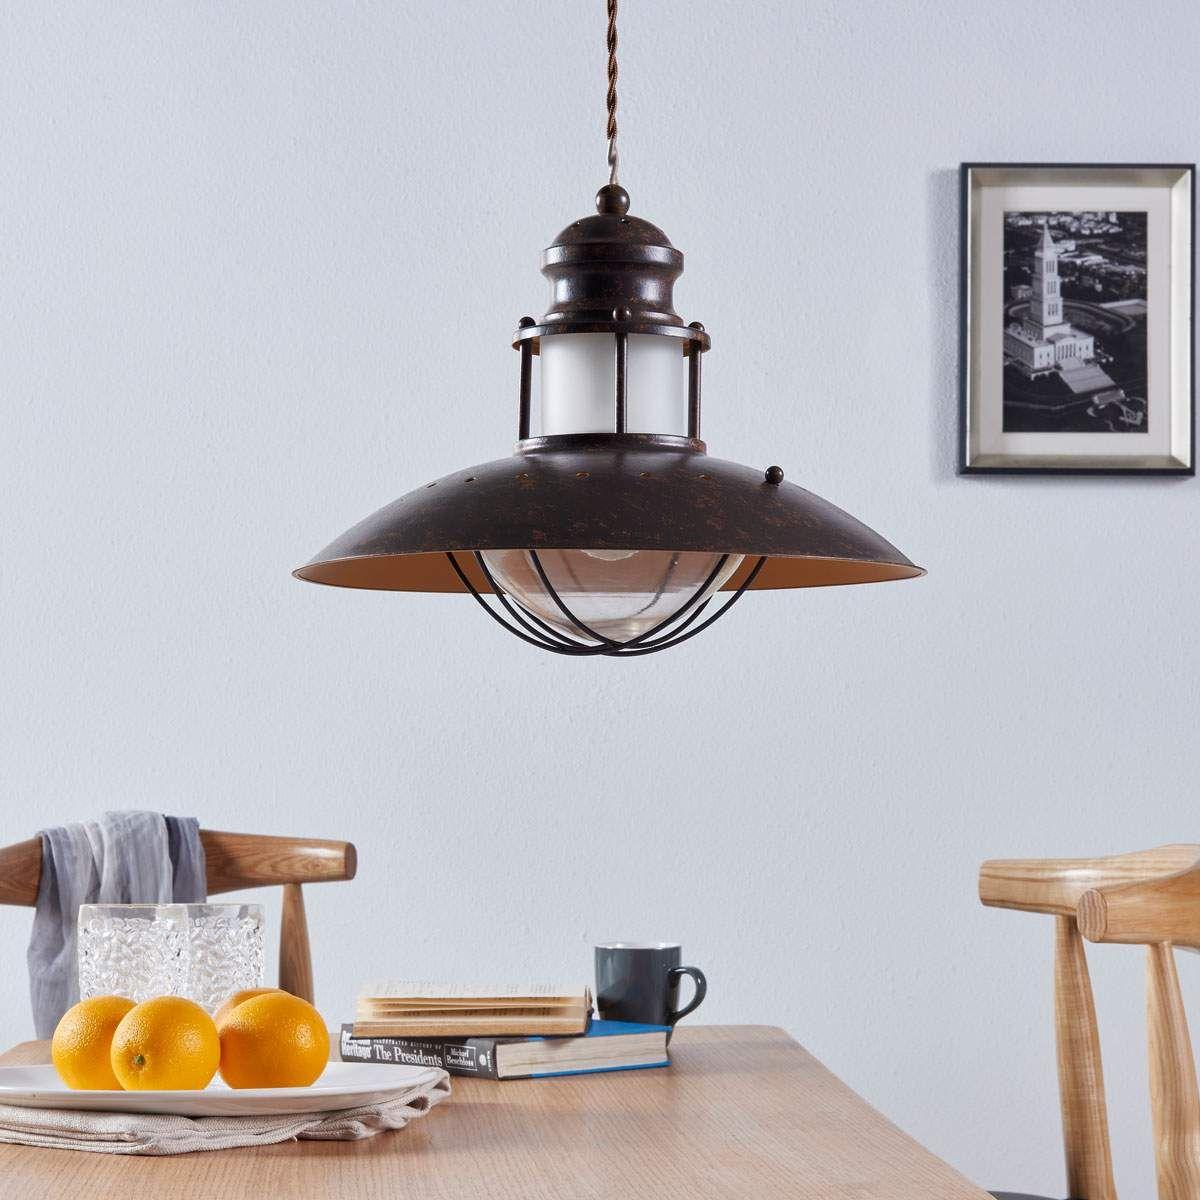 Maritime Pendel Und Hangeleuchten Von Lindby Braun Lampen Pendellampen Und Beleuchtung Decke